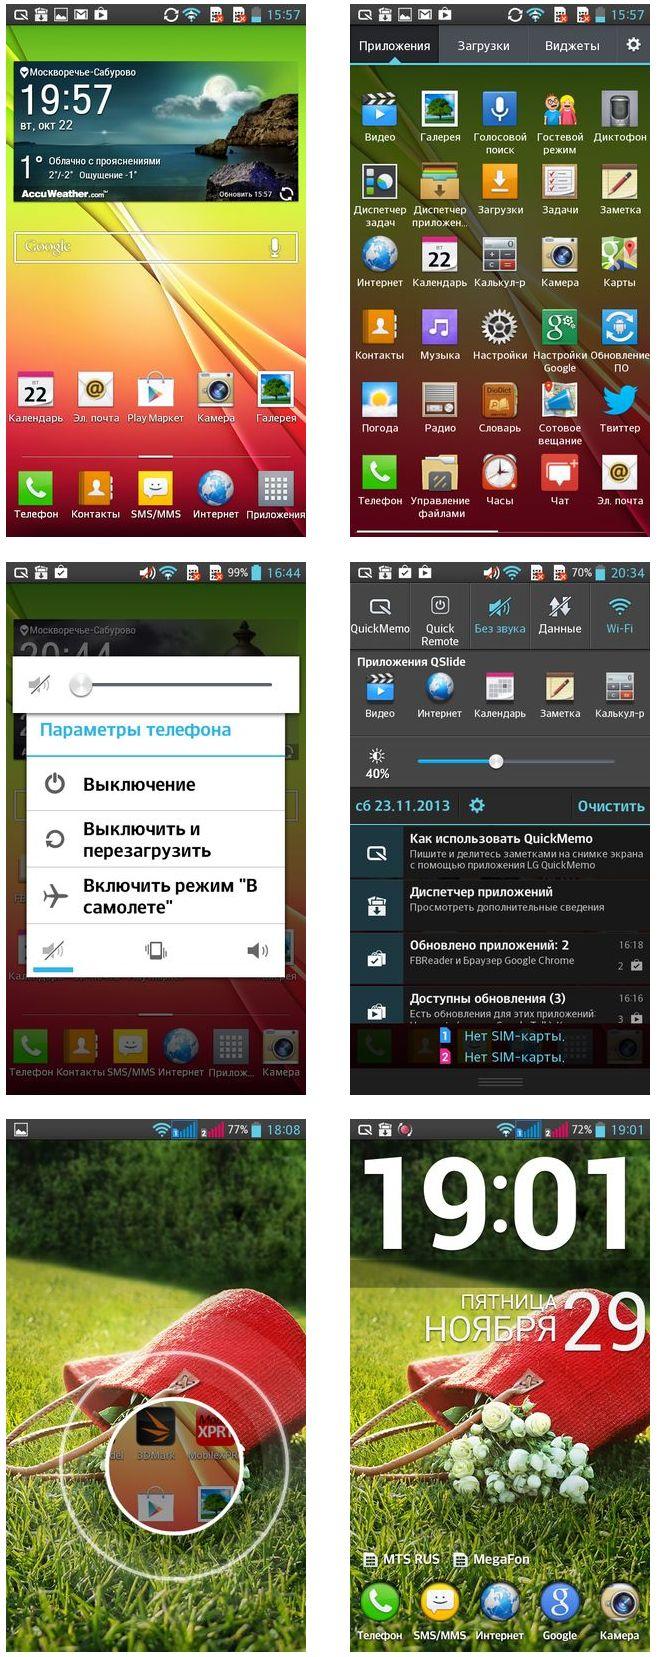 LG G Pro Lite Dual - недорогой 5.5-дюймовый смартпэд на две SIM-карты. Обзор модели